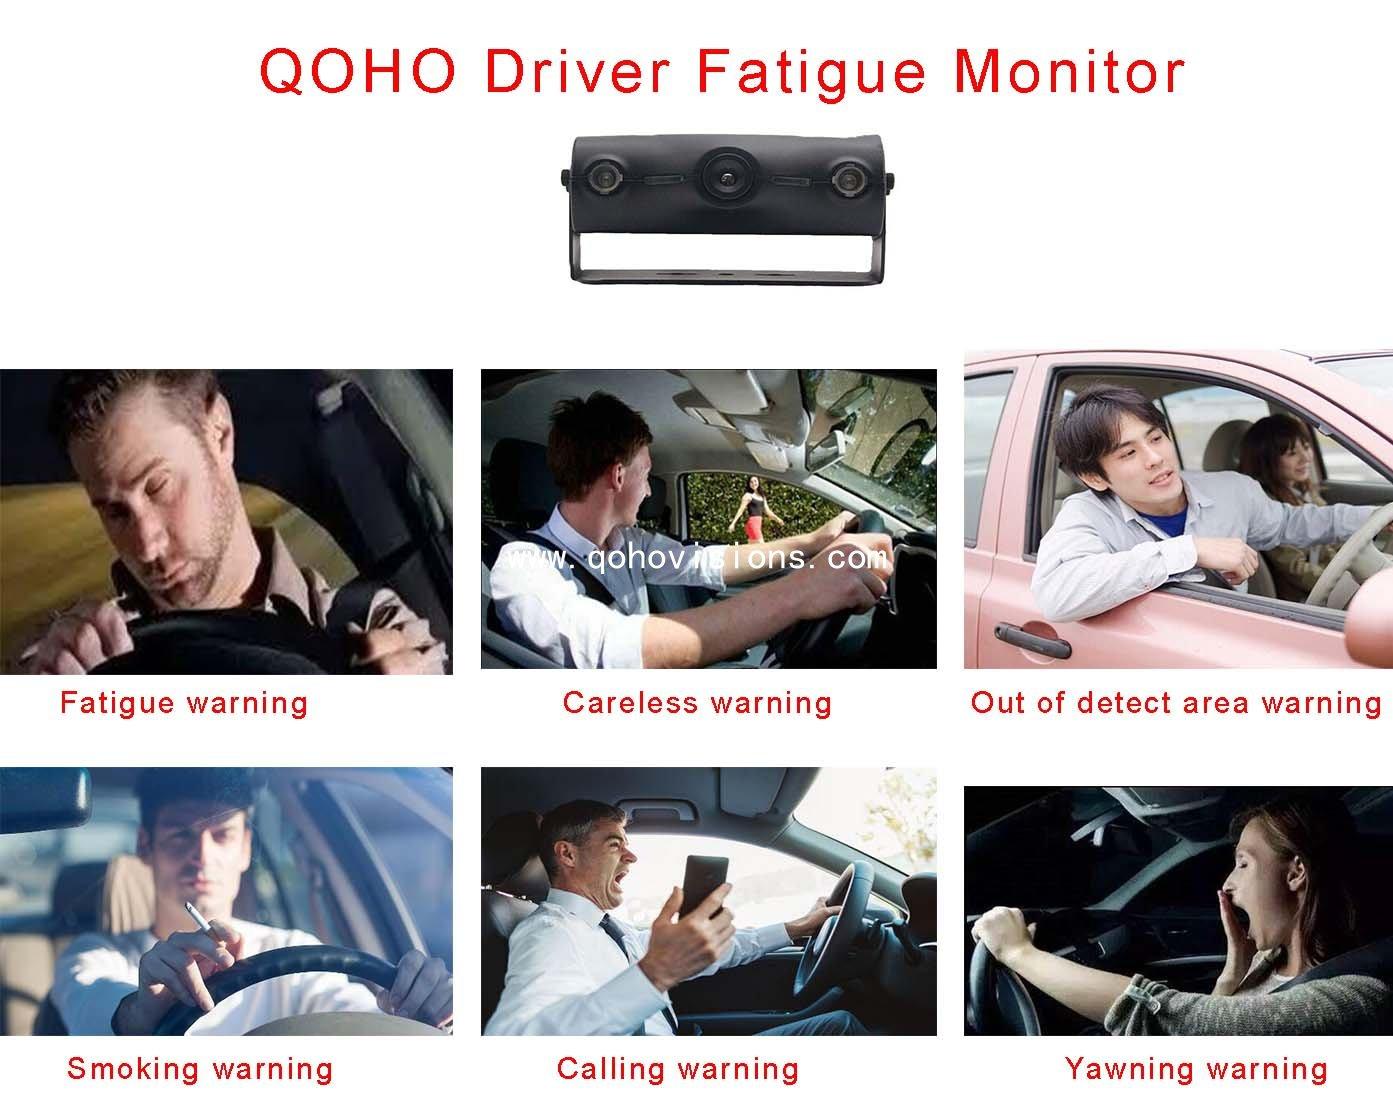 Driver Fatigue Monitor